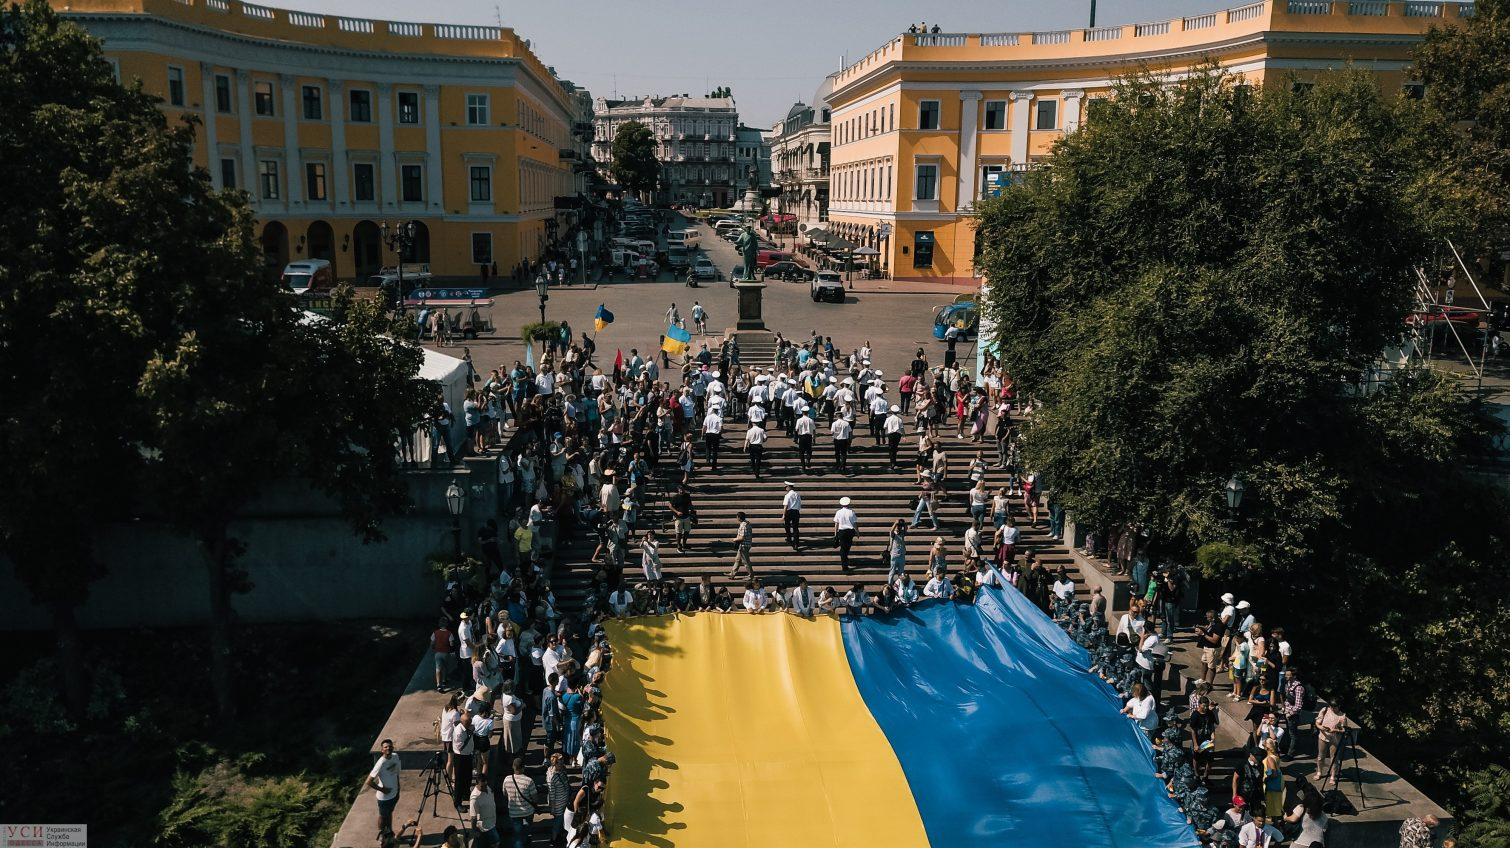 Вышиванковый фестиваль, Марш защитников и автопробег: как в Одессе отметят День флага и День независимости «фото»